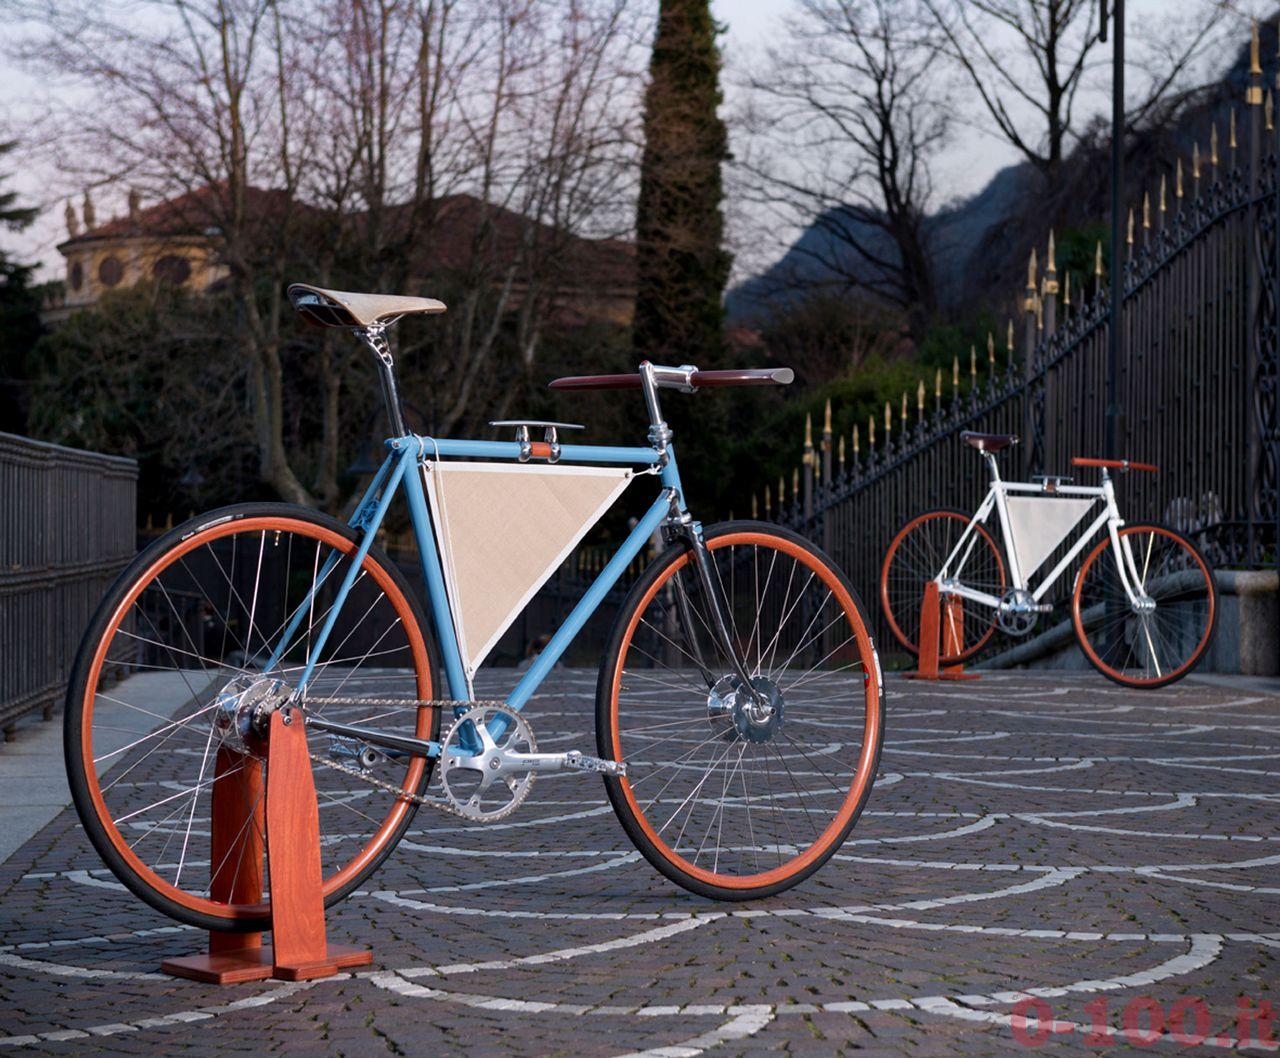 biciclette-revolton-made-como_0-1003